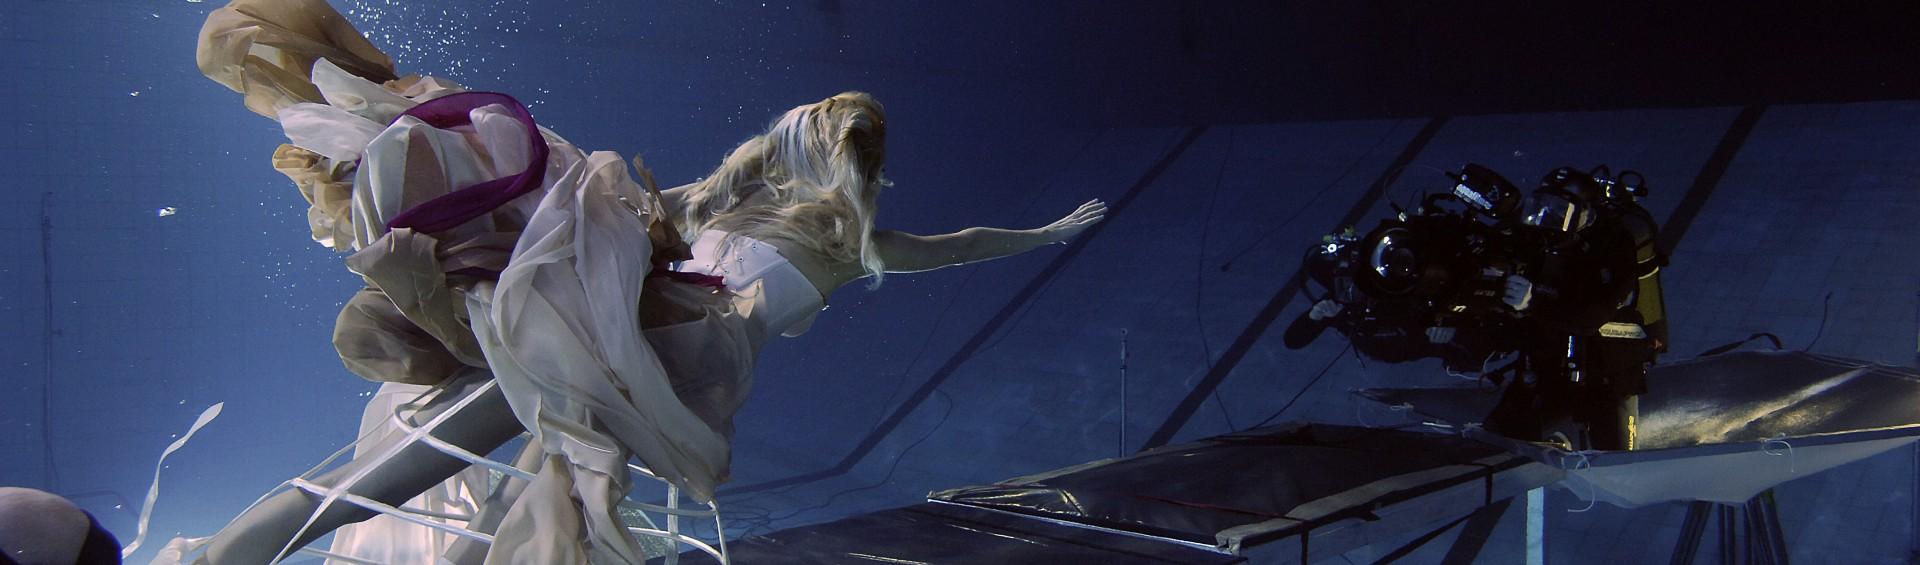 aquafilm, zdjęcia podwodne, podwodne filmowanie, podwodna kamera, underwater cinematography, underwater, underwater housing, rental, wynajem, girl